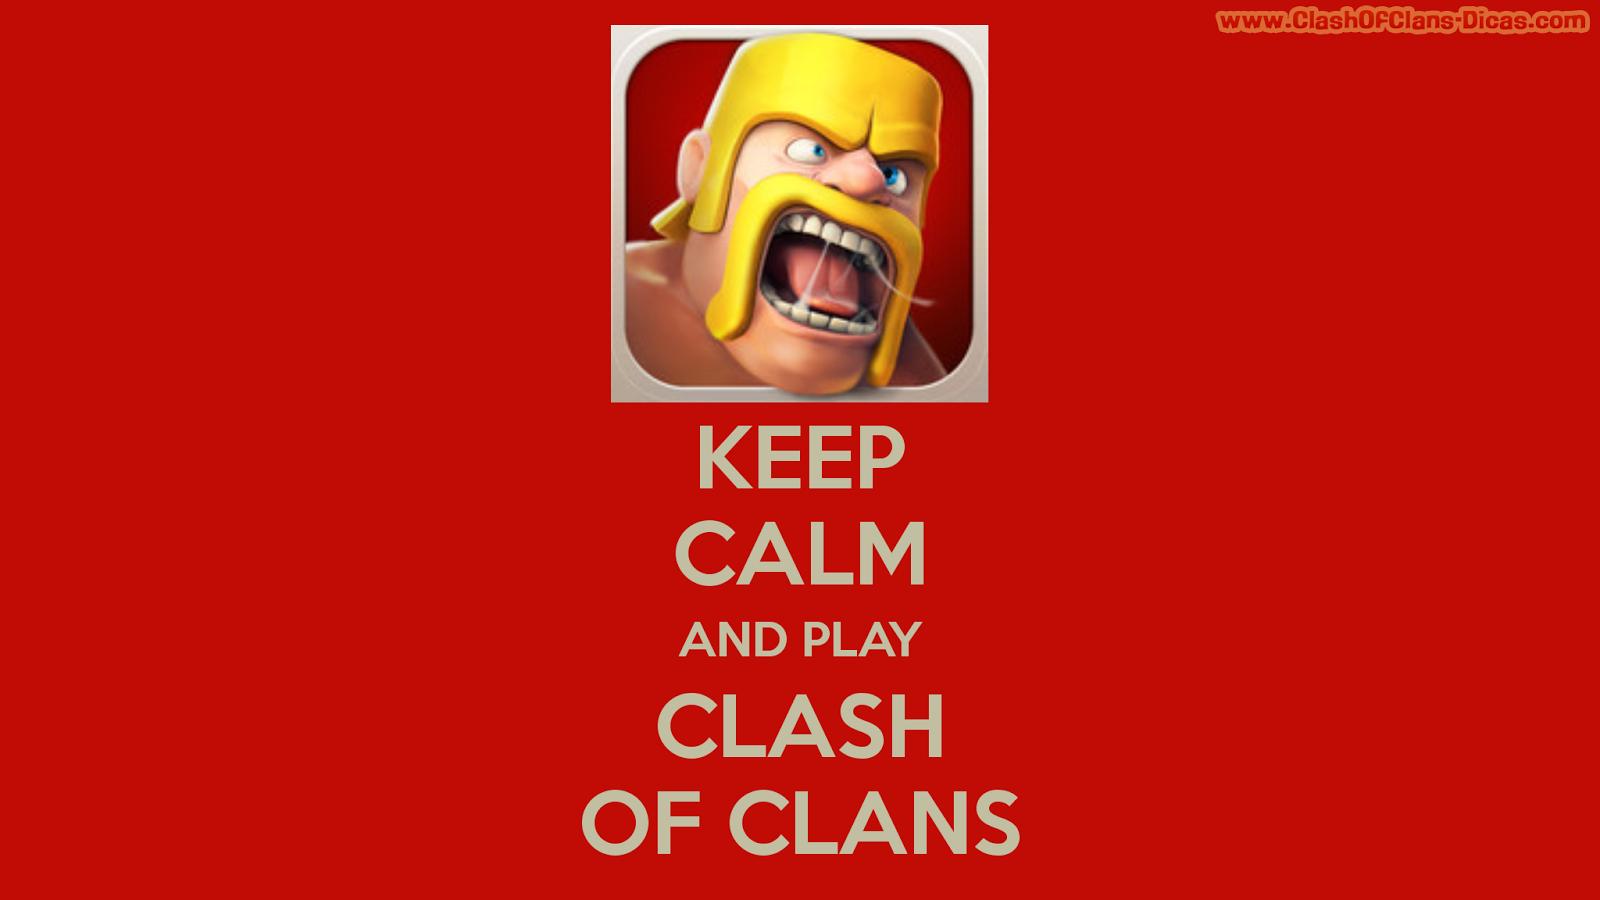 Papéis de parede Clash of Clans - Wallpaper